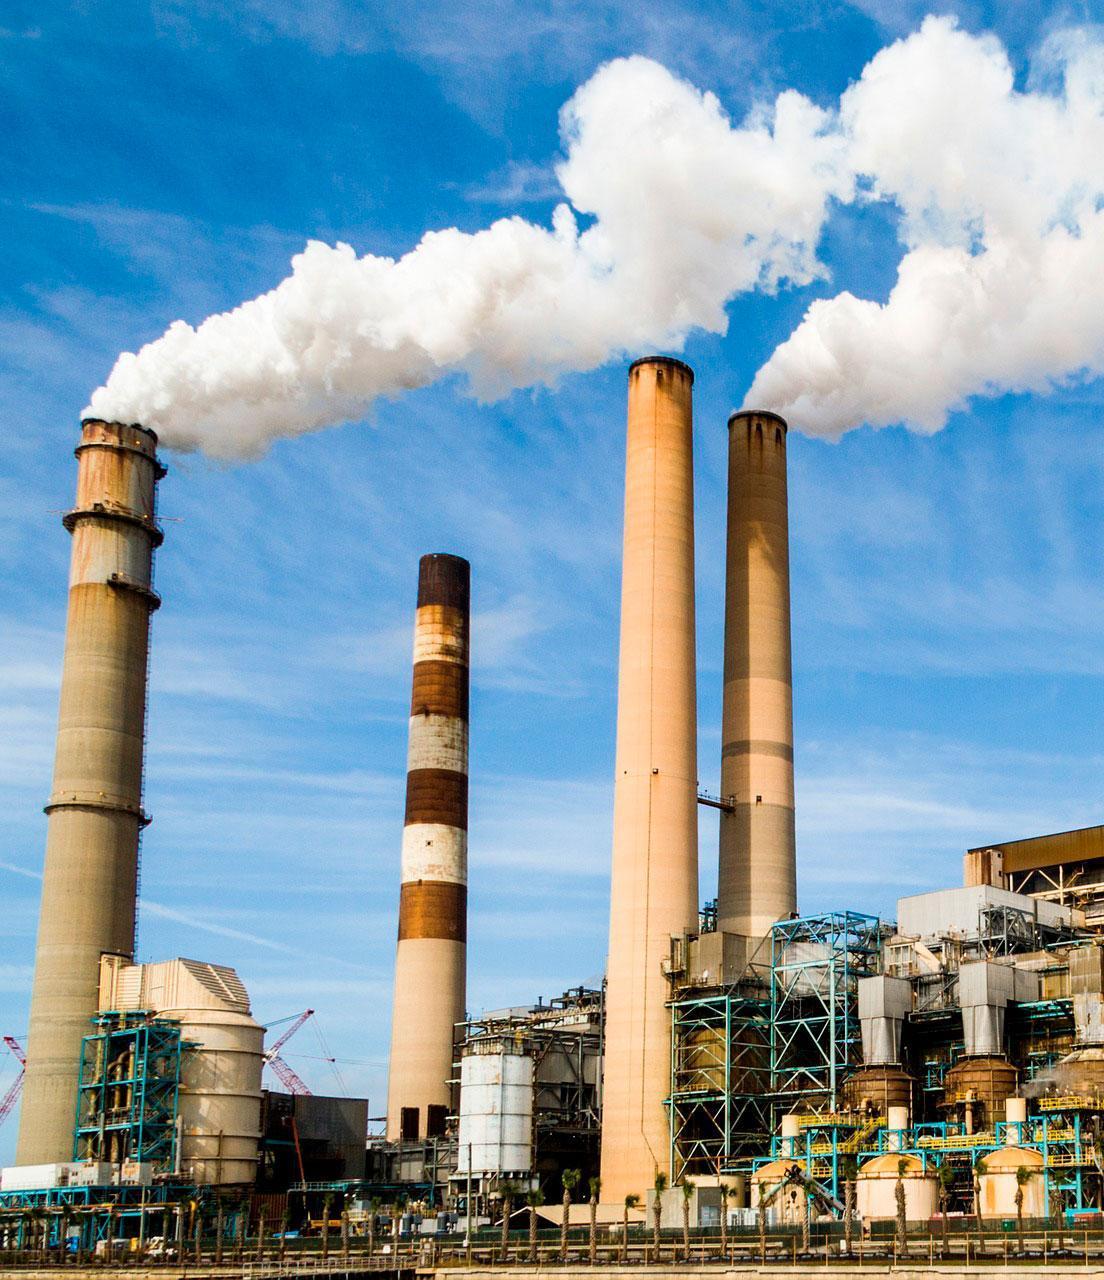 Оценка возможного ущерба от загрязнений, юридический и экологический сопровождение проведения работ по устранению загрязнений - Фото №6